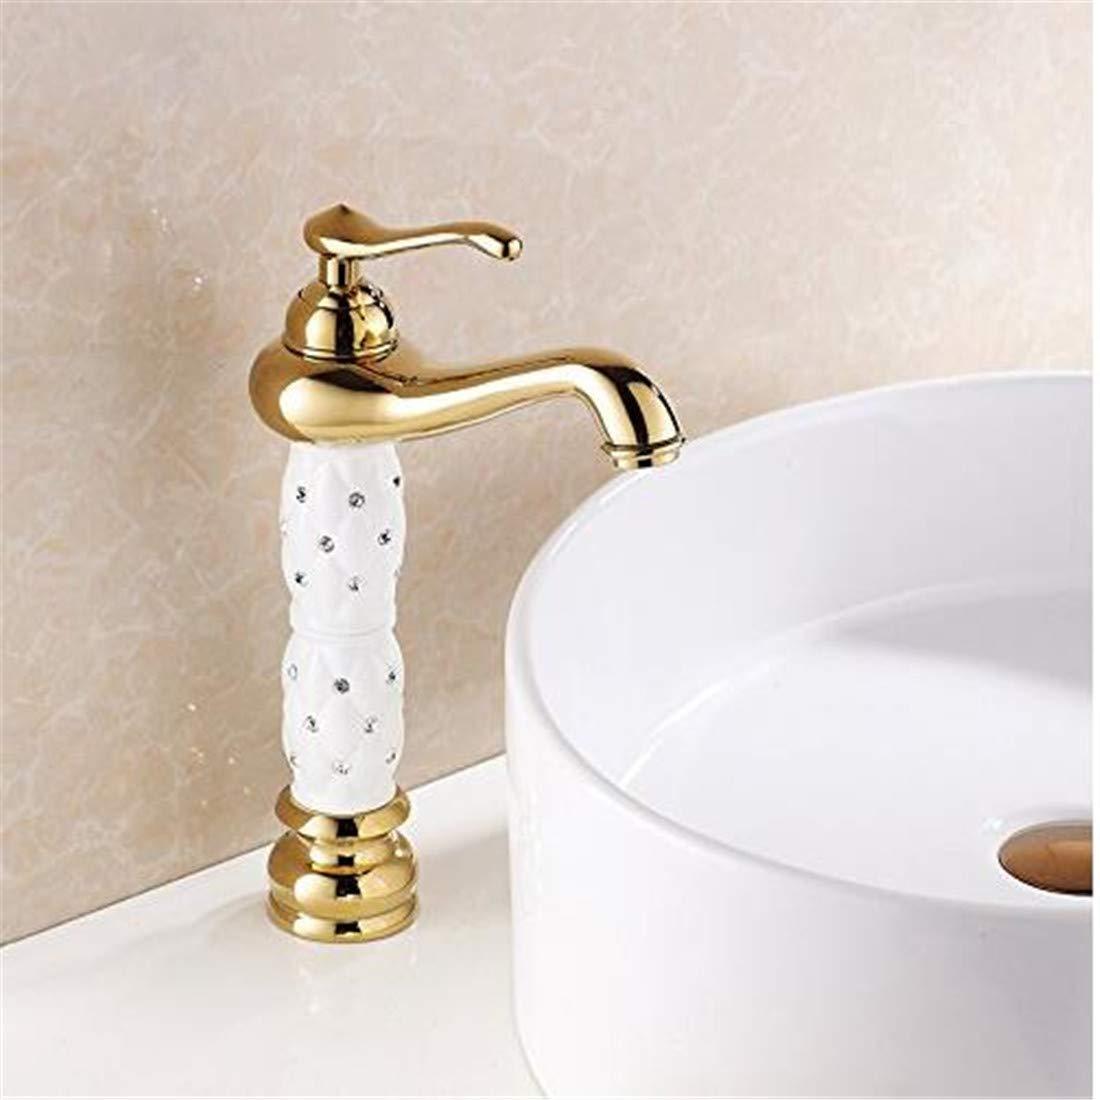 Mischbatterie Brause Drehbar Bad Spültisch Bad Waschtisch Wasserhahn Gold Messing Einhebel Waschtischmischer